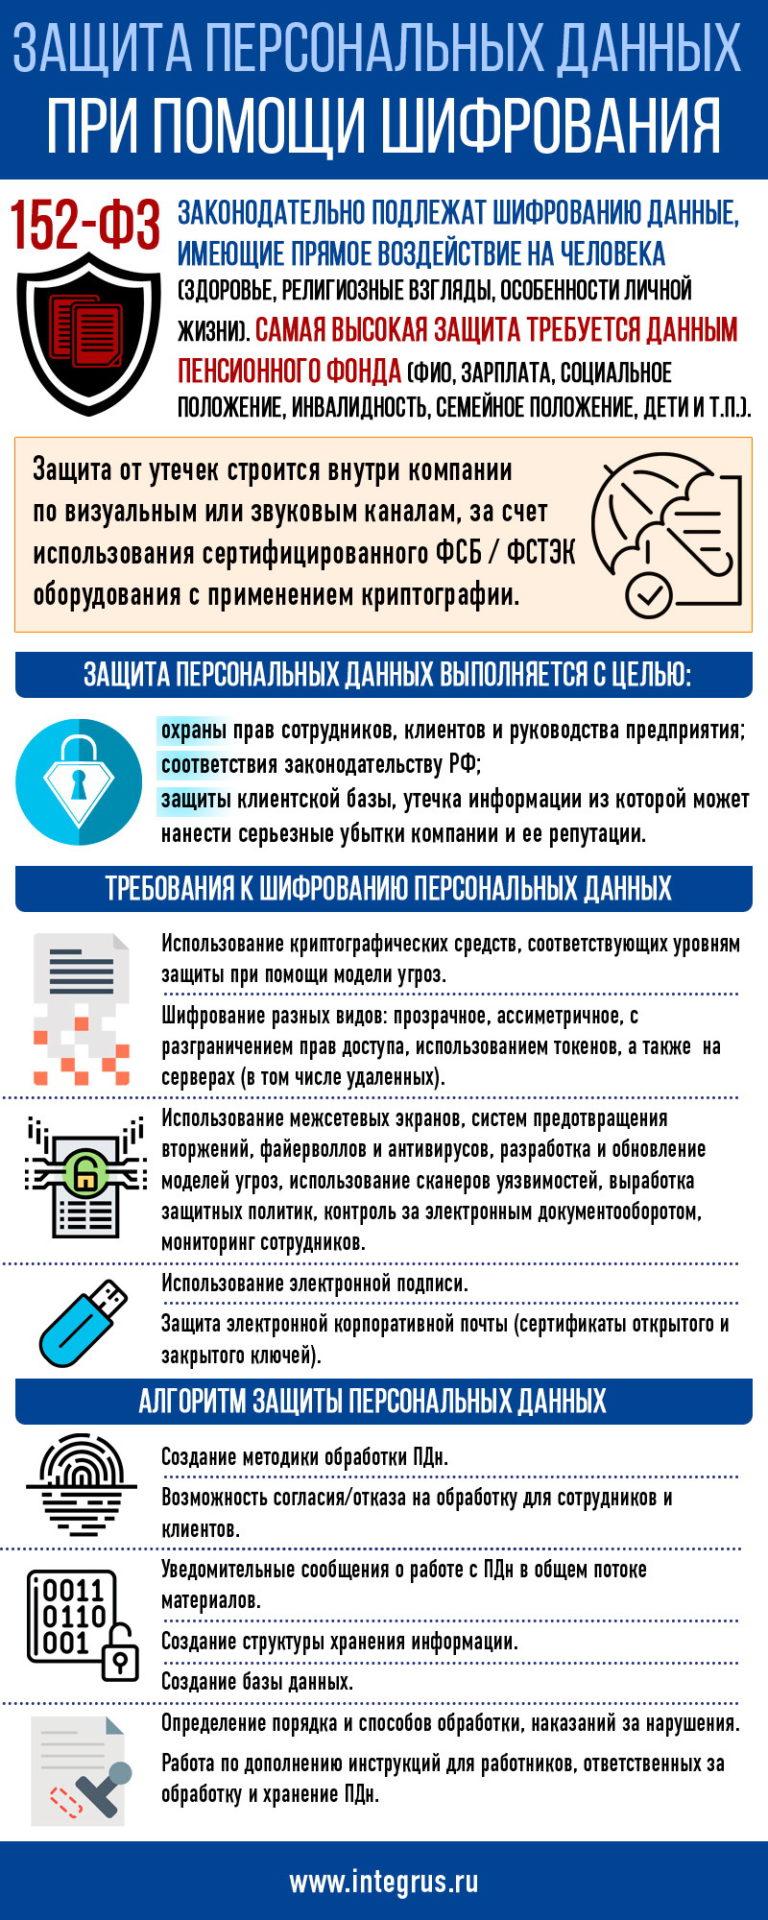 Защита персональных данных методом шифрования